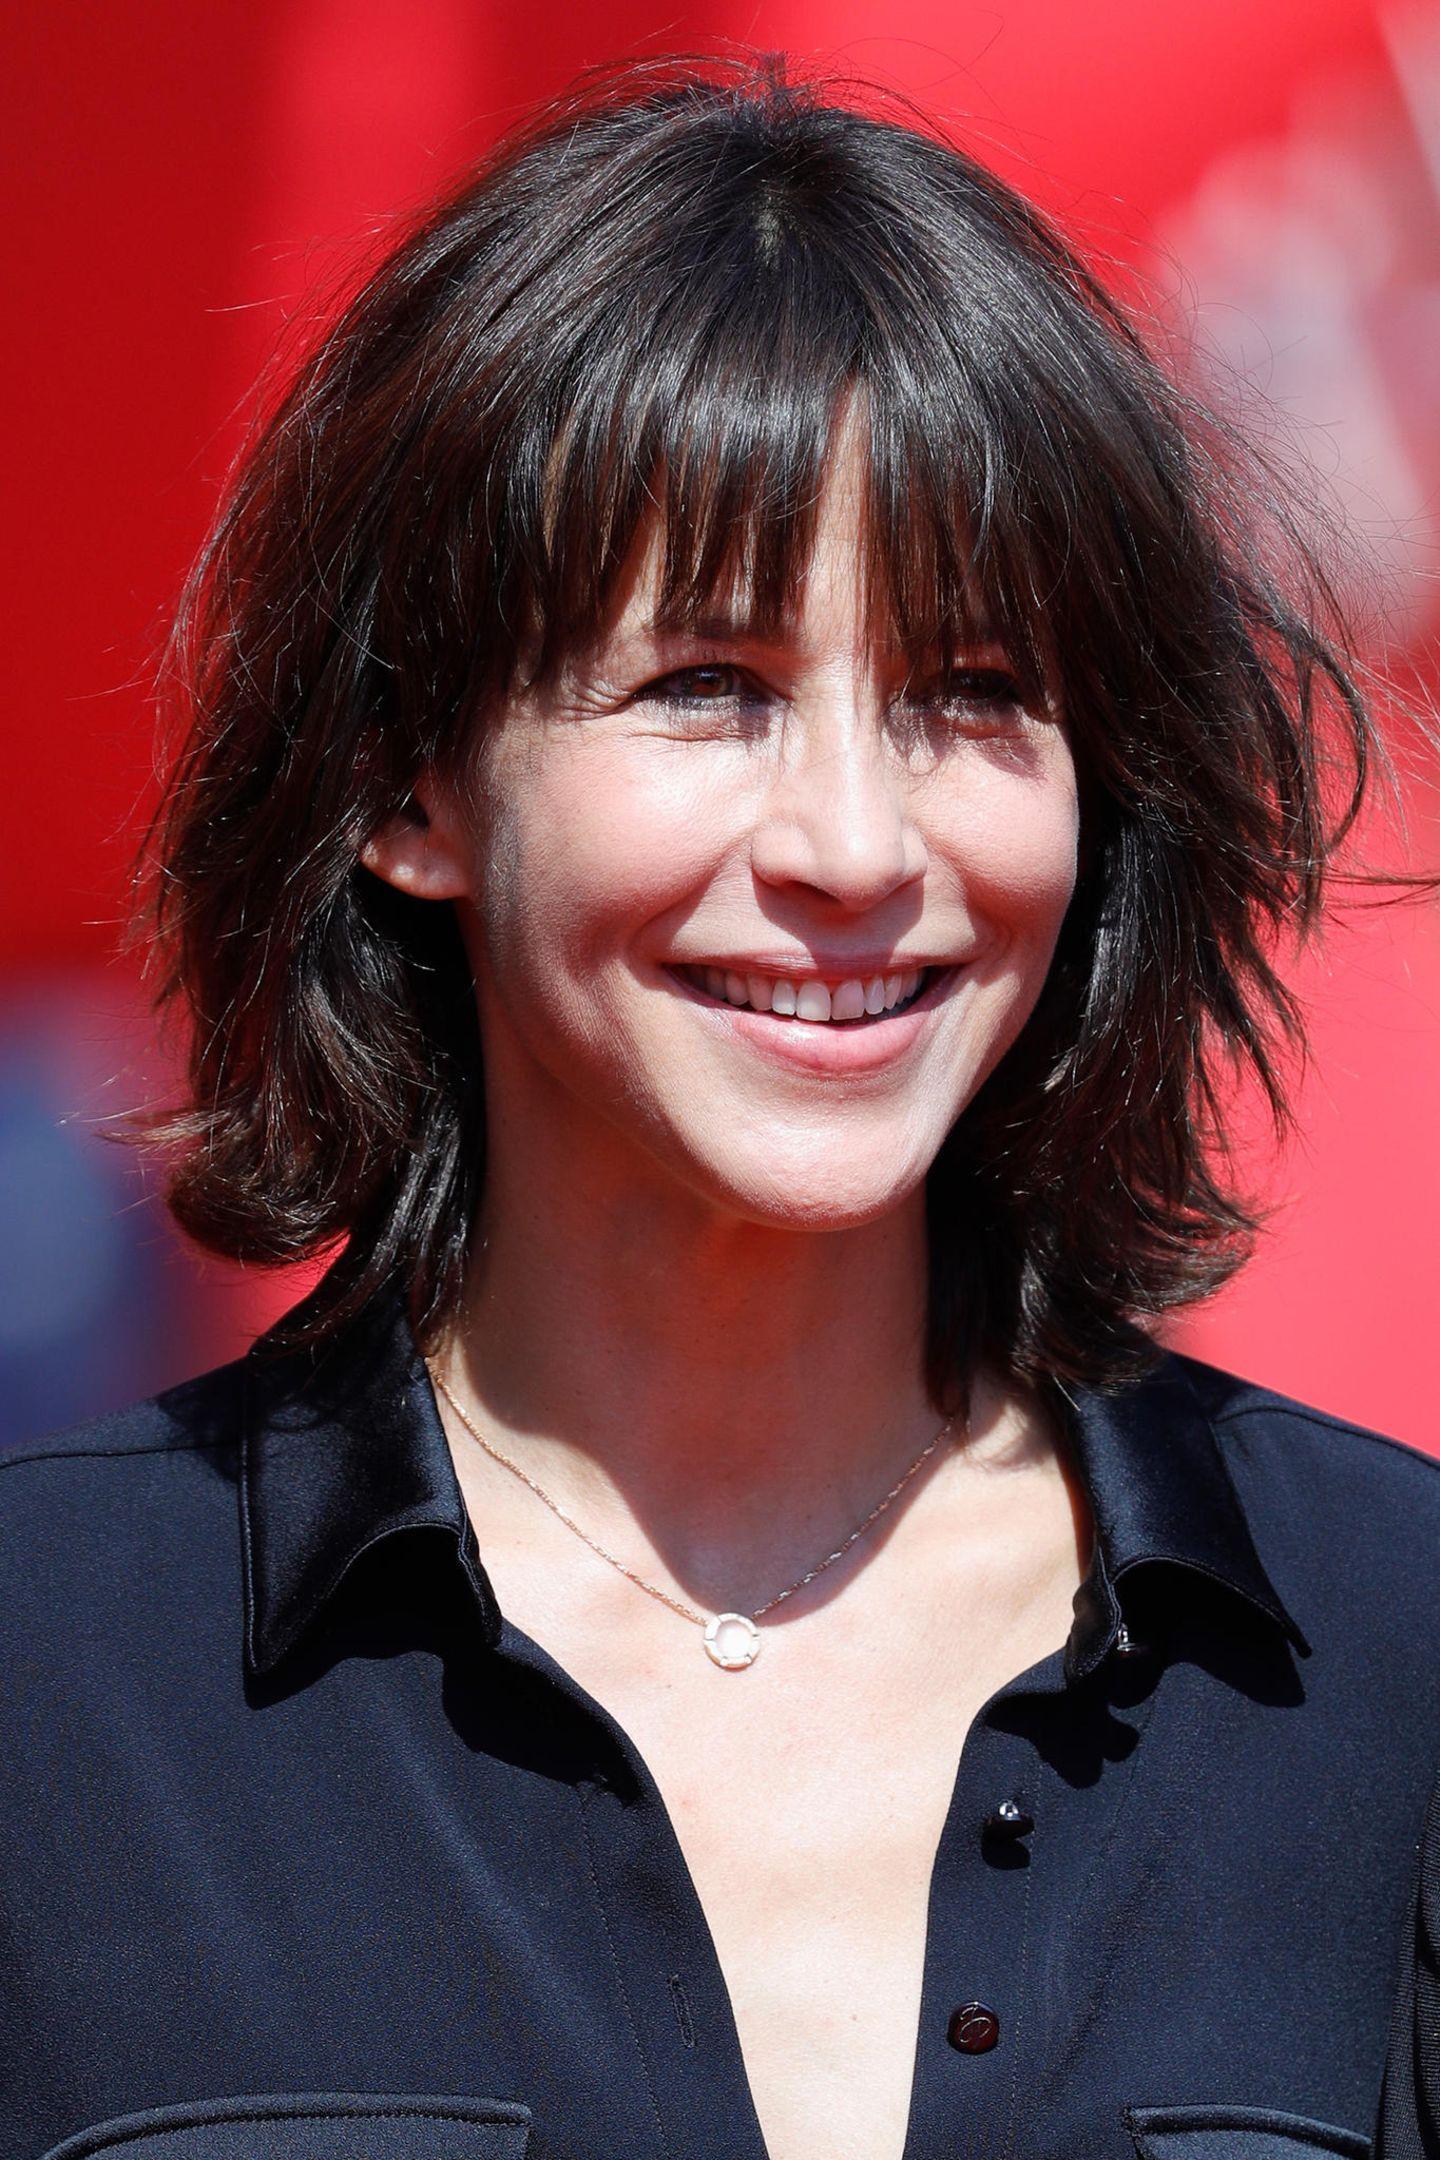 Frisuren, die jünger machen: Sophie Marceau